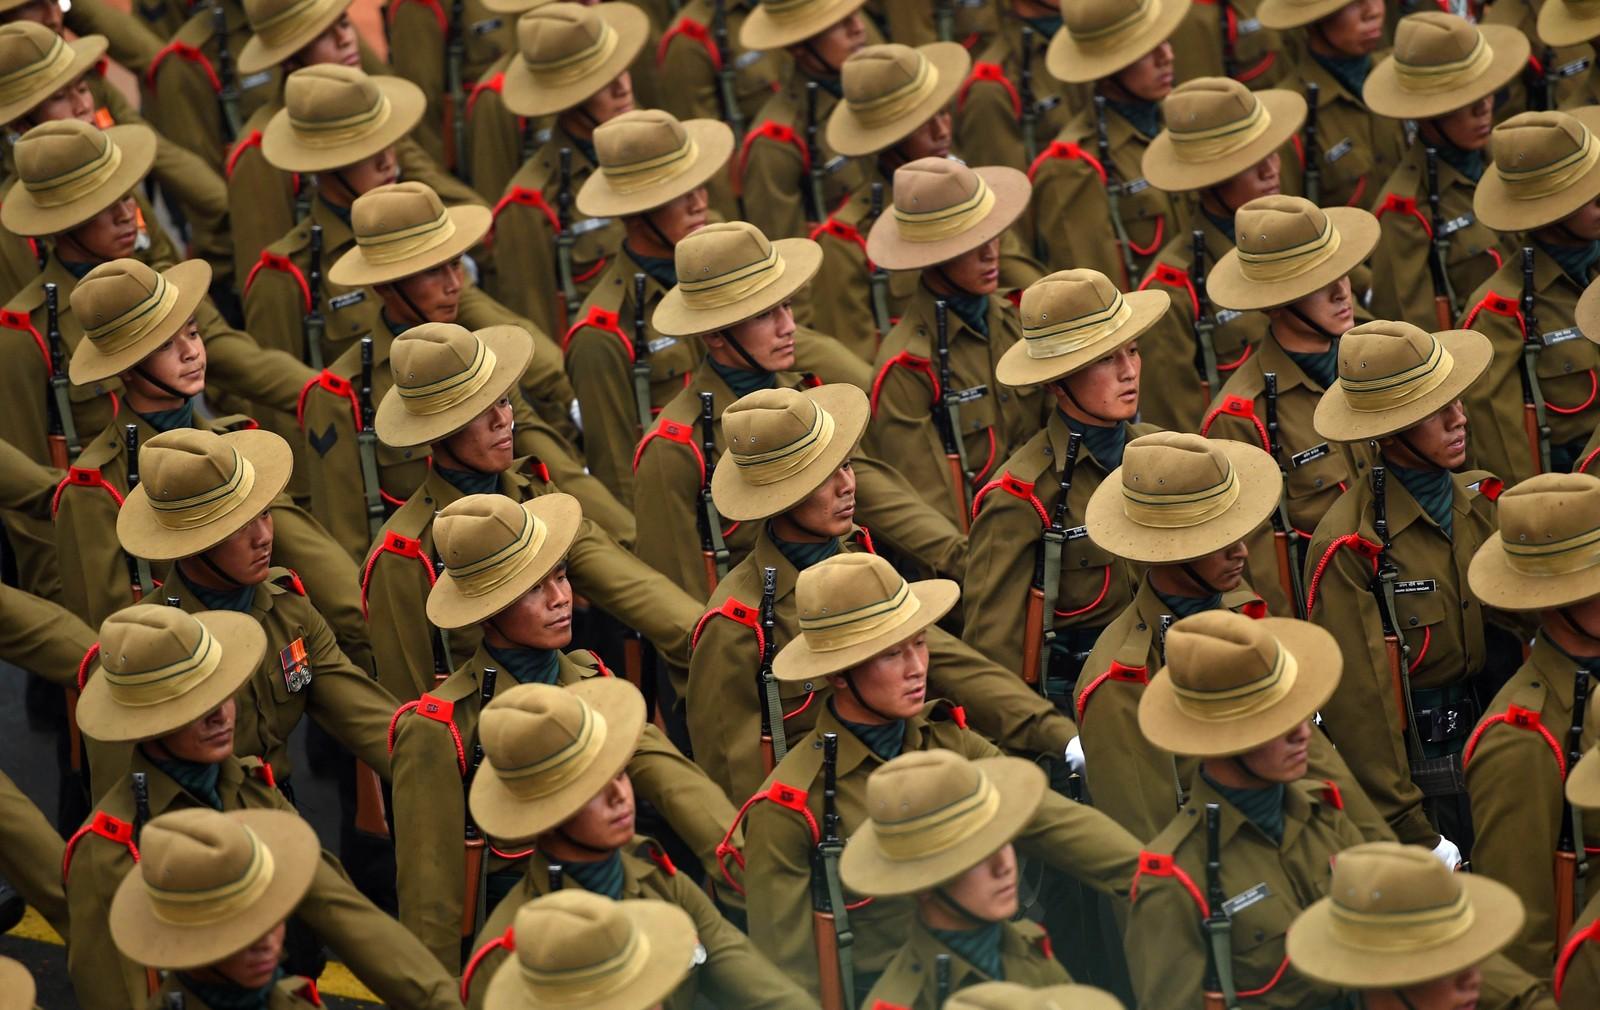 Representanter fra det indiske militæret marsjerte gjennom New Delhis gater for å feire republikkdagen den 26. januar. Det er den viktigste festdagen i India.